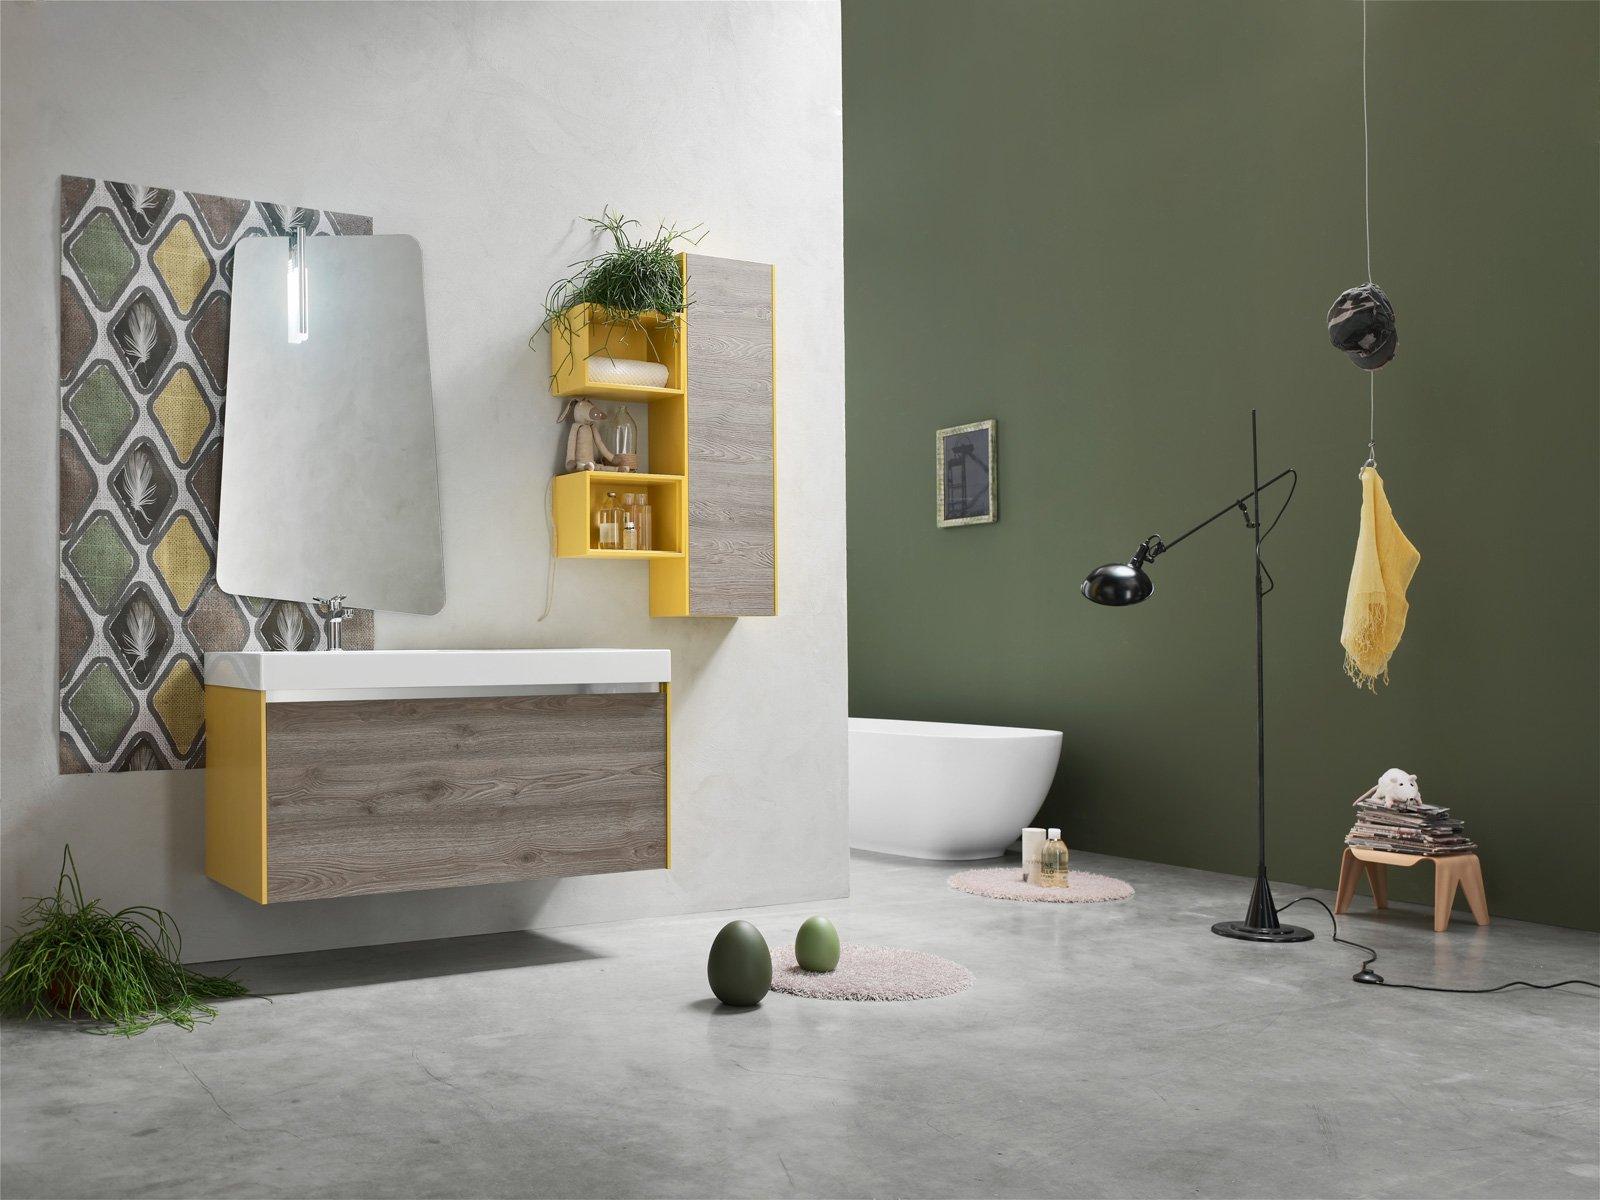 Arcom arreda il bagno con i colori della nuova linea ak - Arcom mobili bagno ...